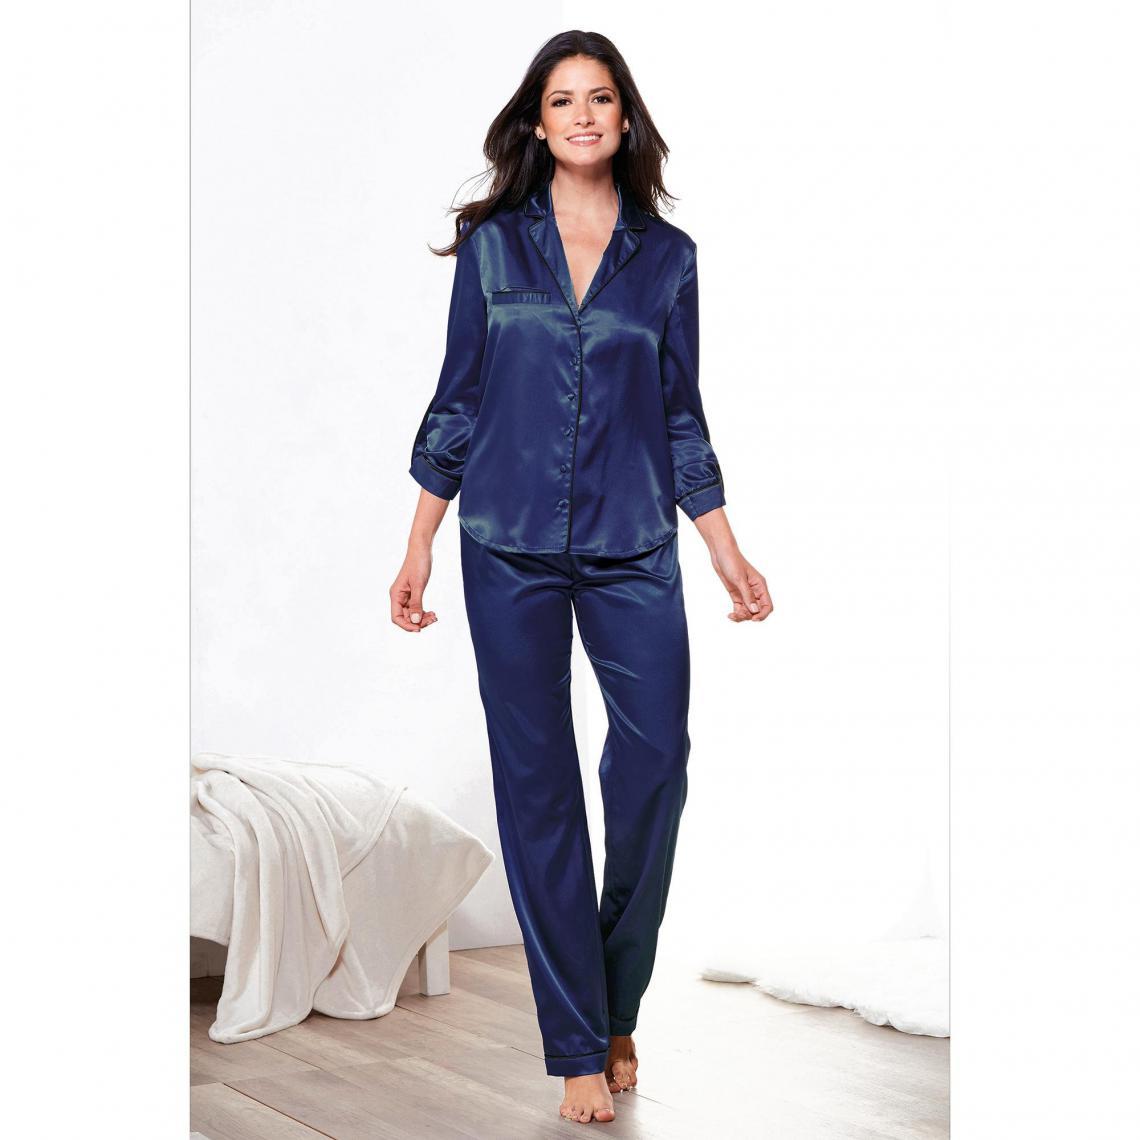 Pyjama en satin blouse et pantalon femme Exclusivité 3SUISSES - Bleu Nuit 3  SUISSES Lingerie femme d4957132999